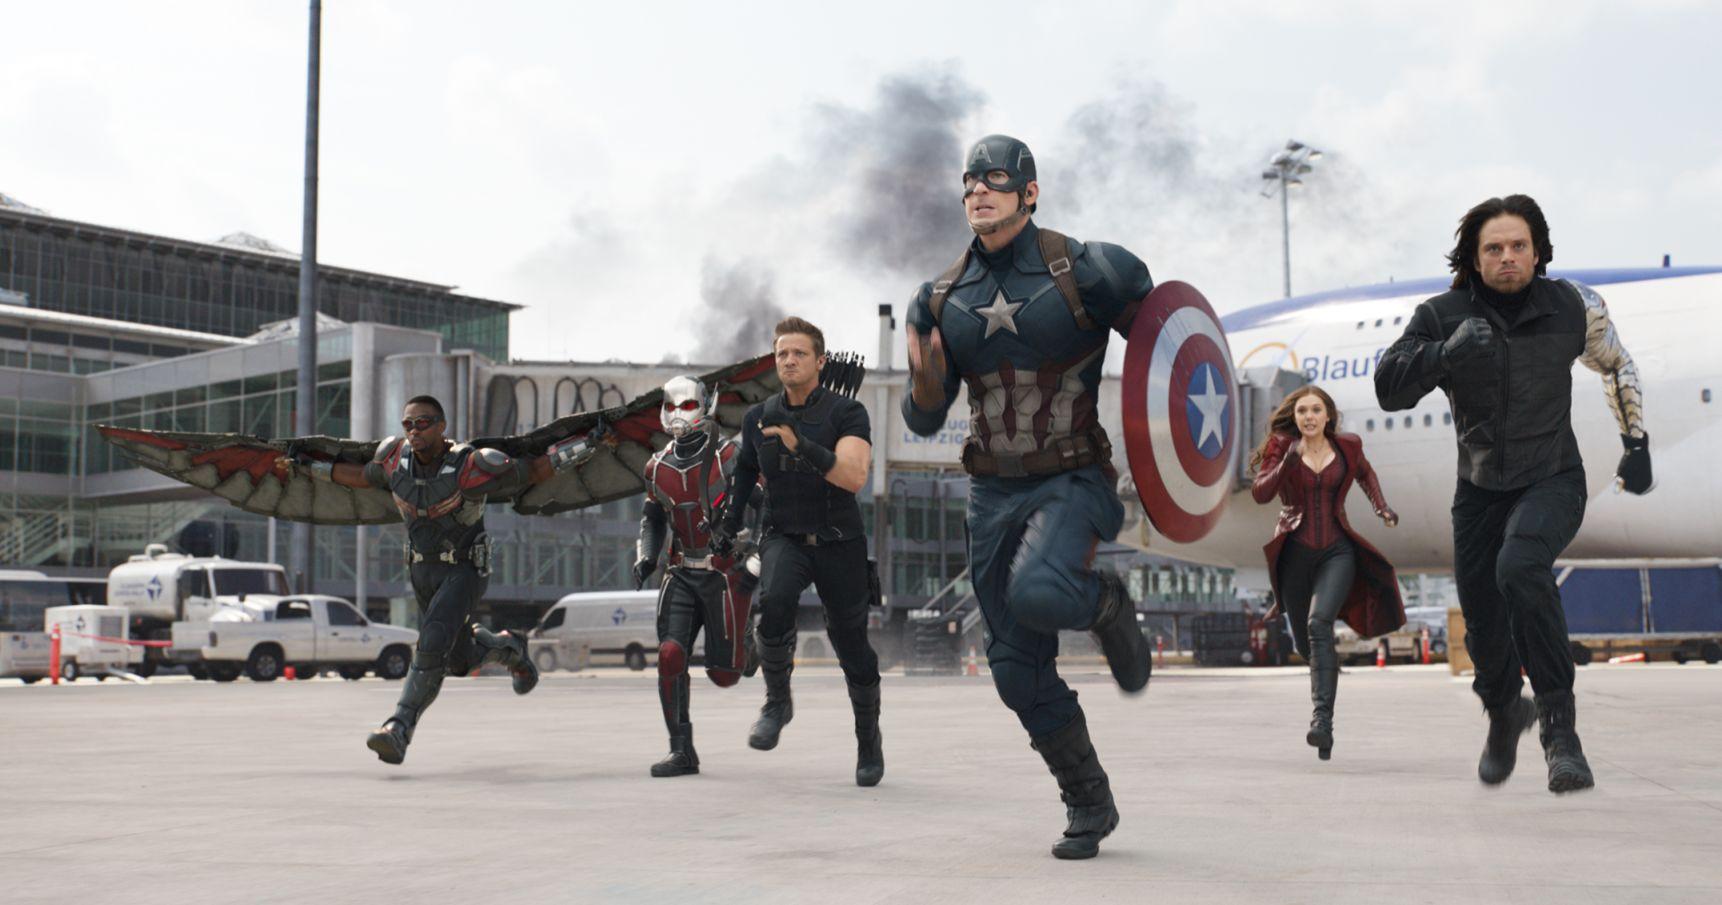 First Avenger Civil War